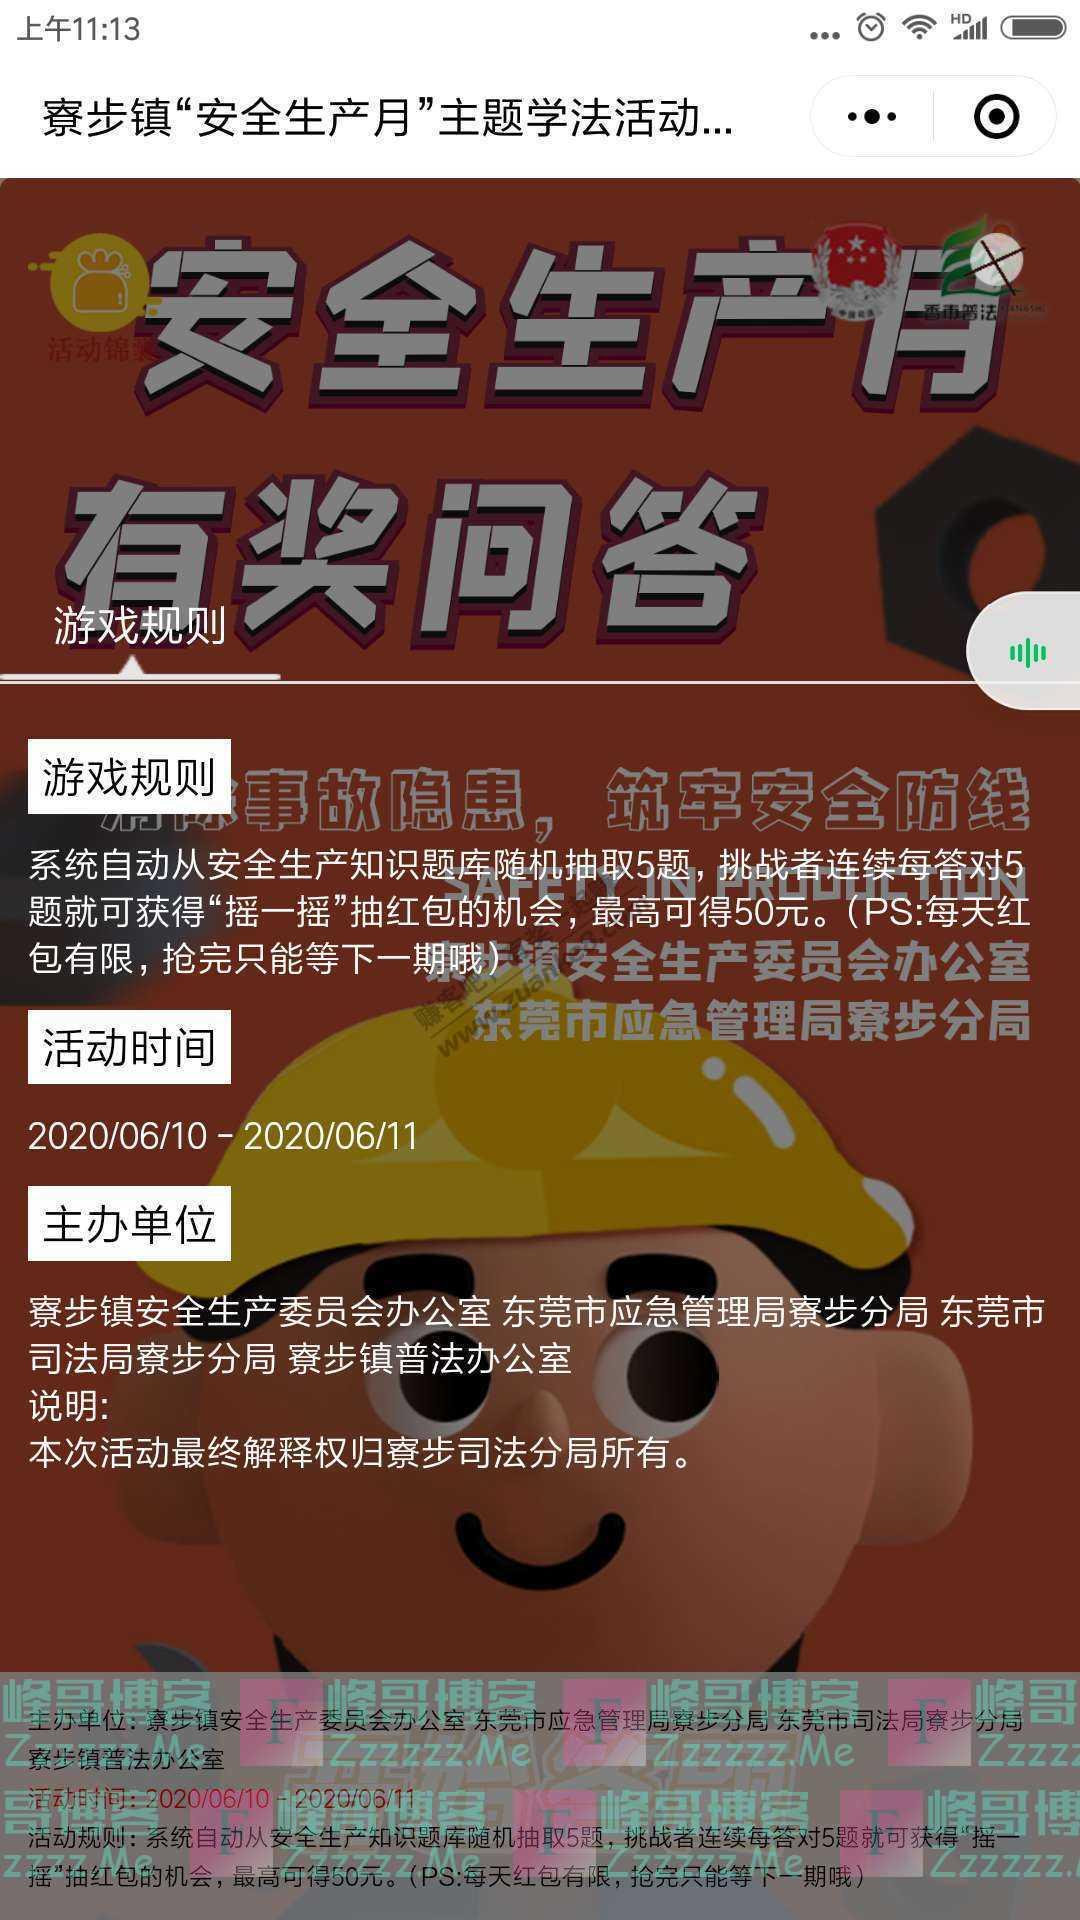 香市普法寮步镇安全生产月有奖问答(截止6月11日)